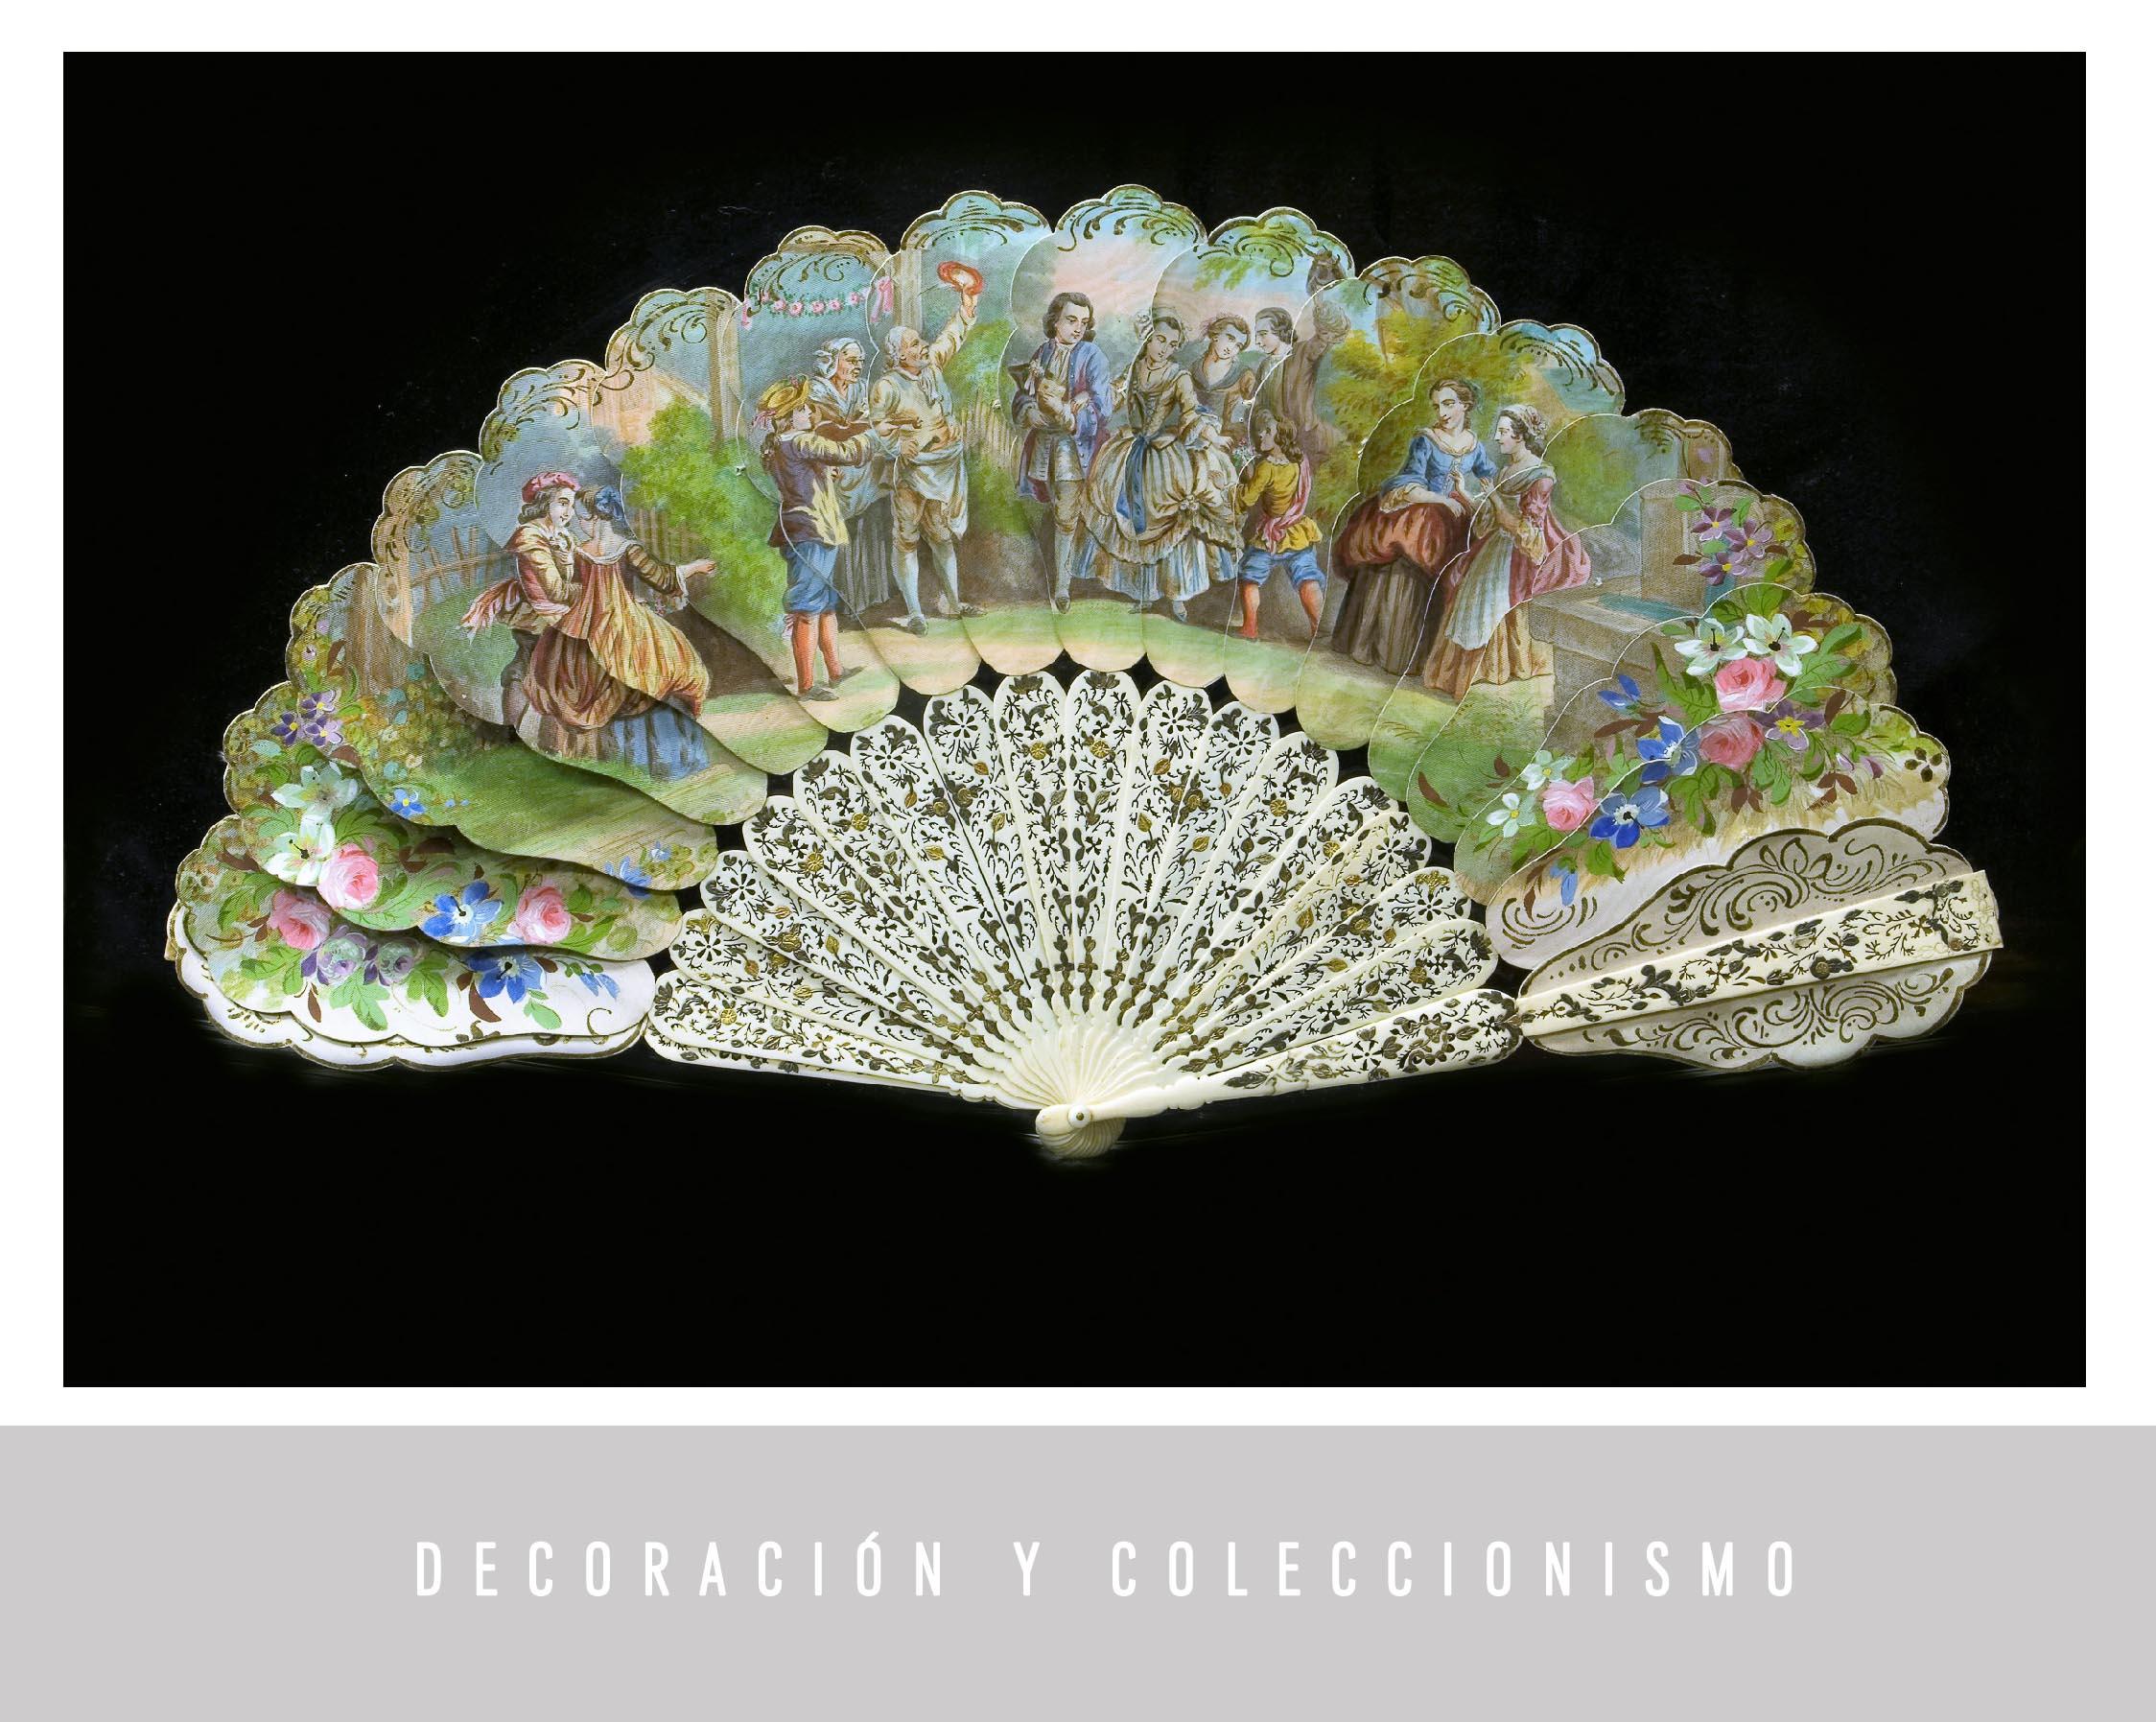 DECORACION Y COLECCIONISMO.jpg